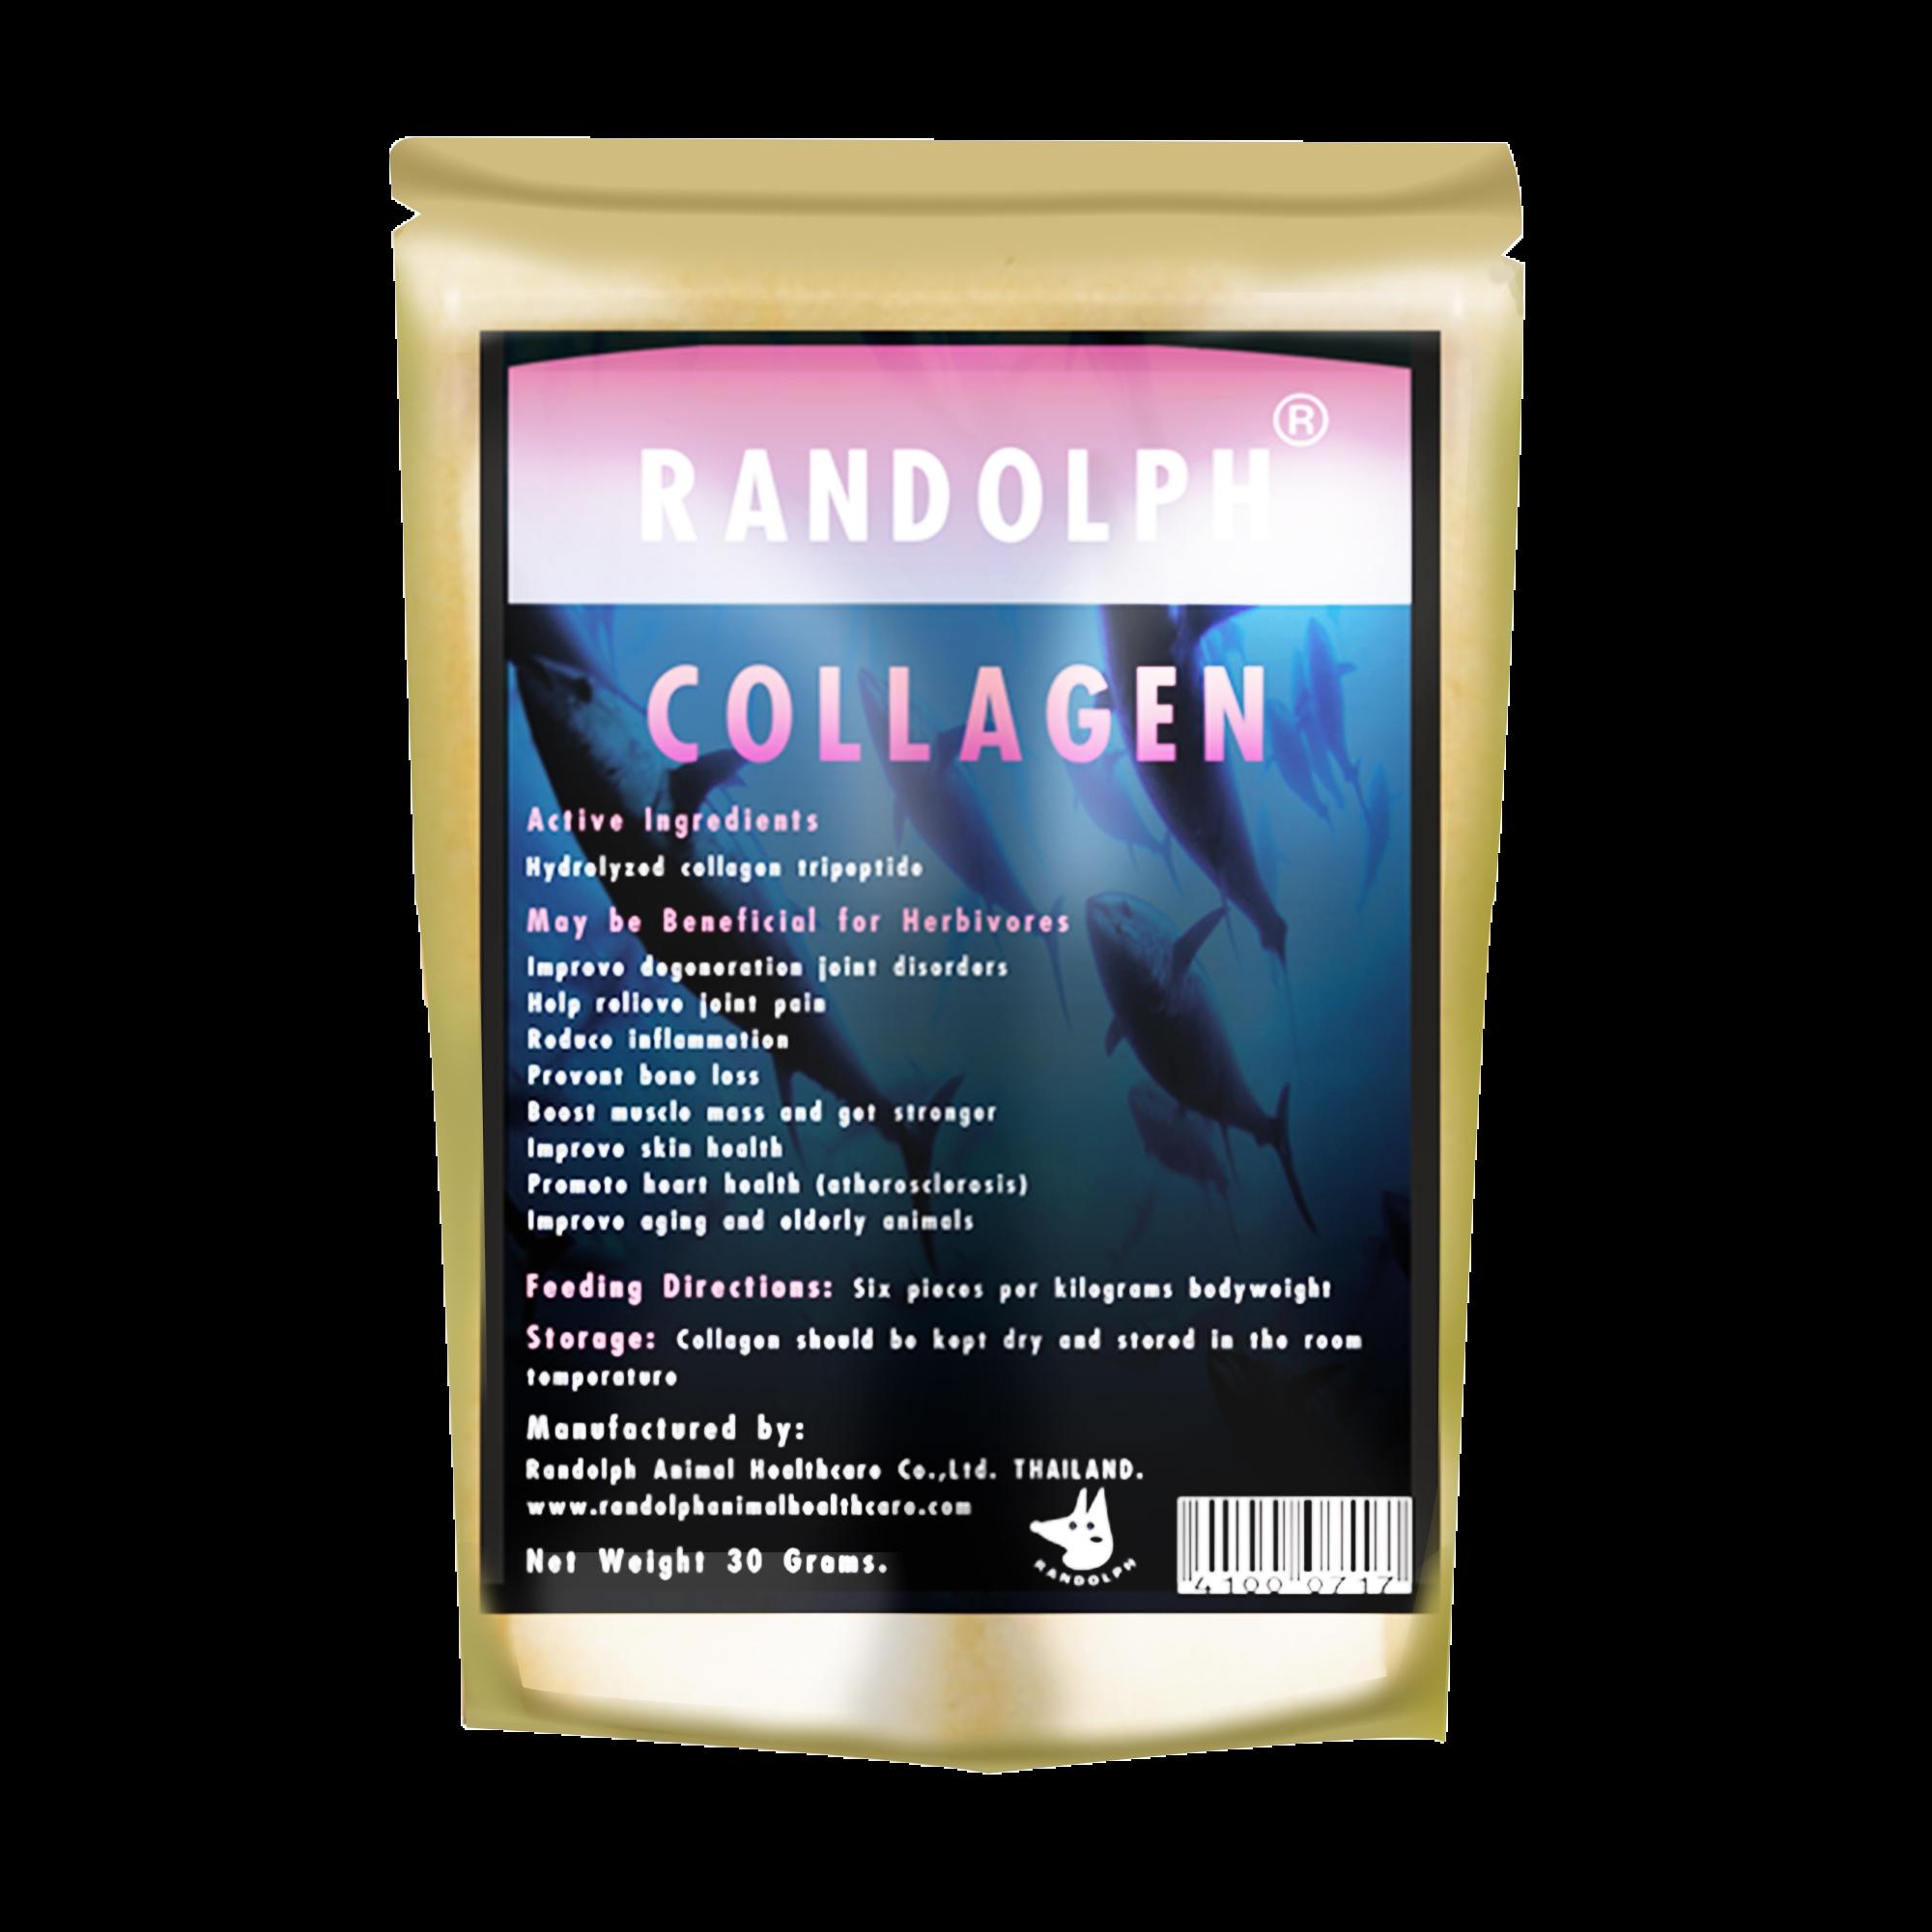 Treats for herbivores collagen